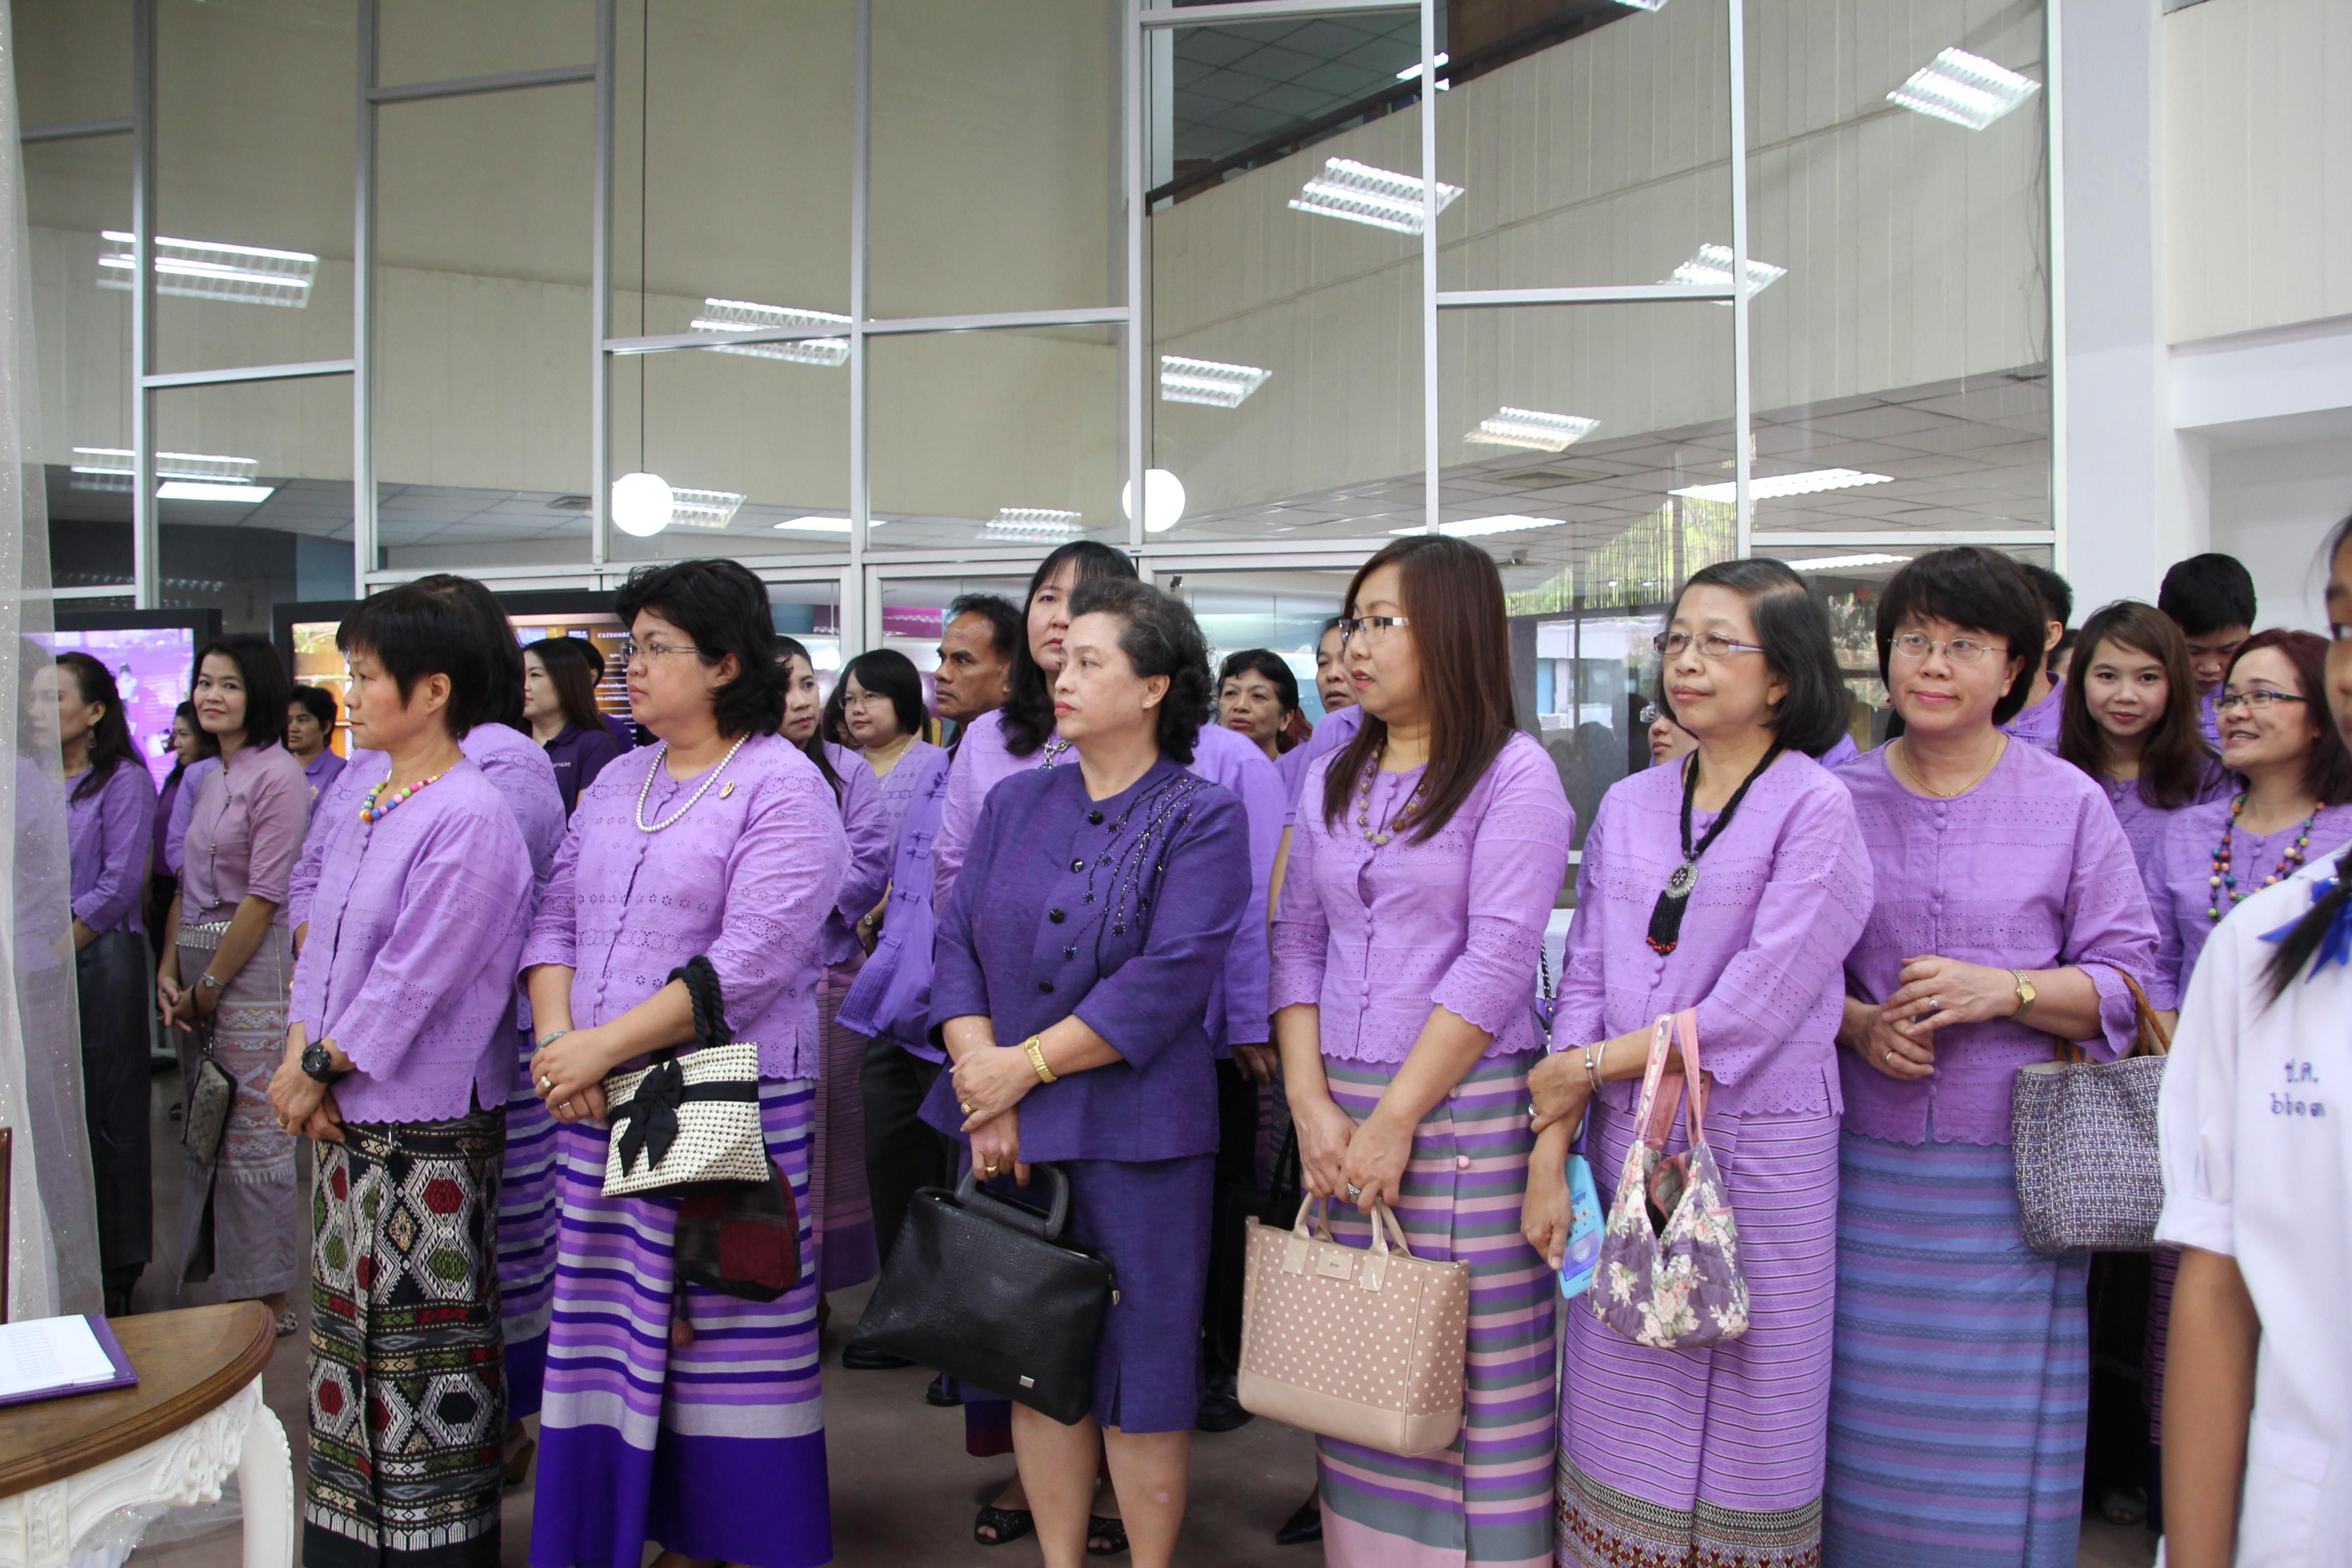 ร่วมพิธีเปิดนิทรรศการเฉลิมพระเกียรติสมเด็จพระเทพรัตนราชสุดาฯ สยามบรมราชกุมารี พระชนมายุครบ 5 รอบ 60 พรรษา